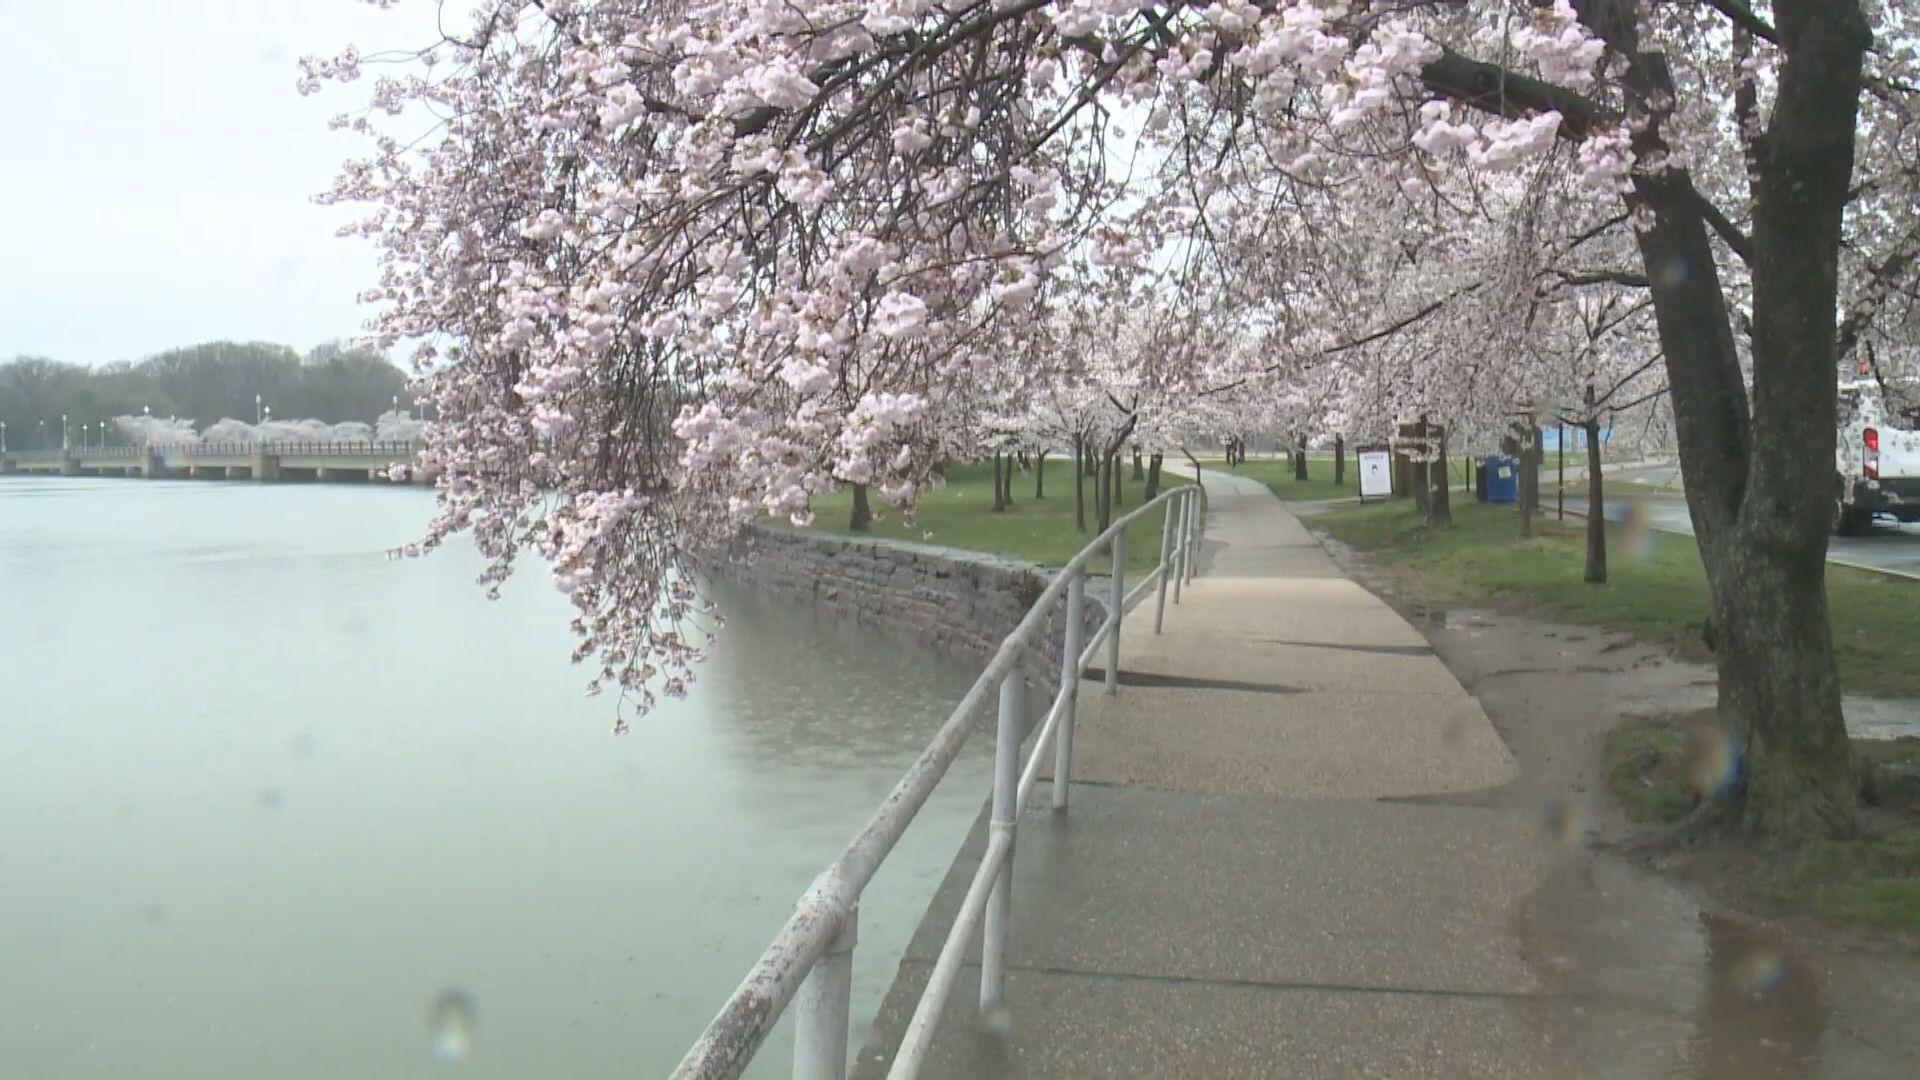 【環球薈報】美國國家公園櫻花提早盛開